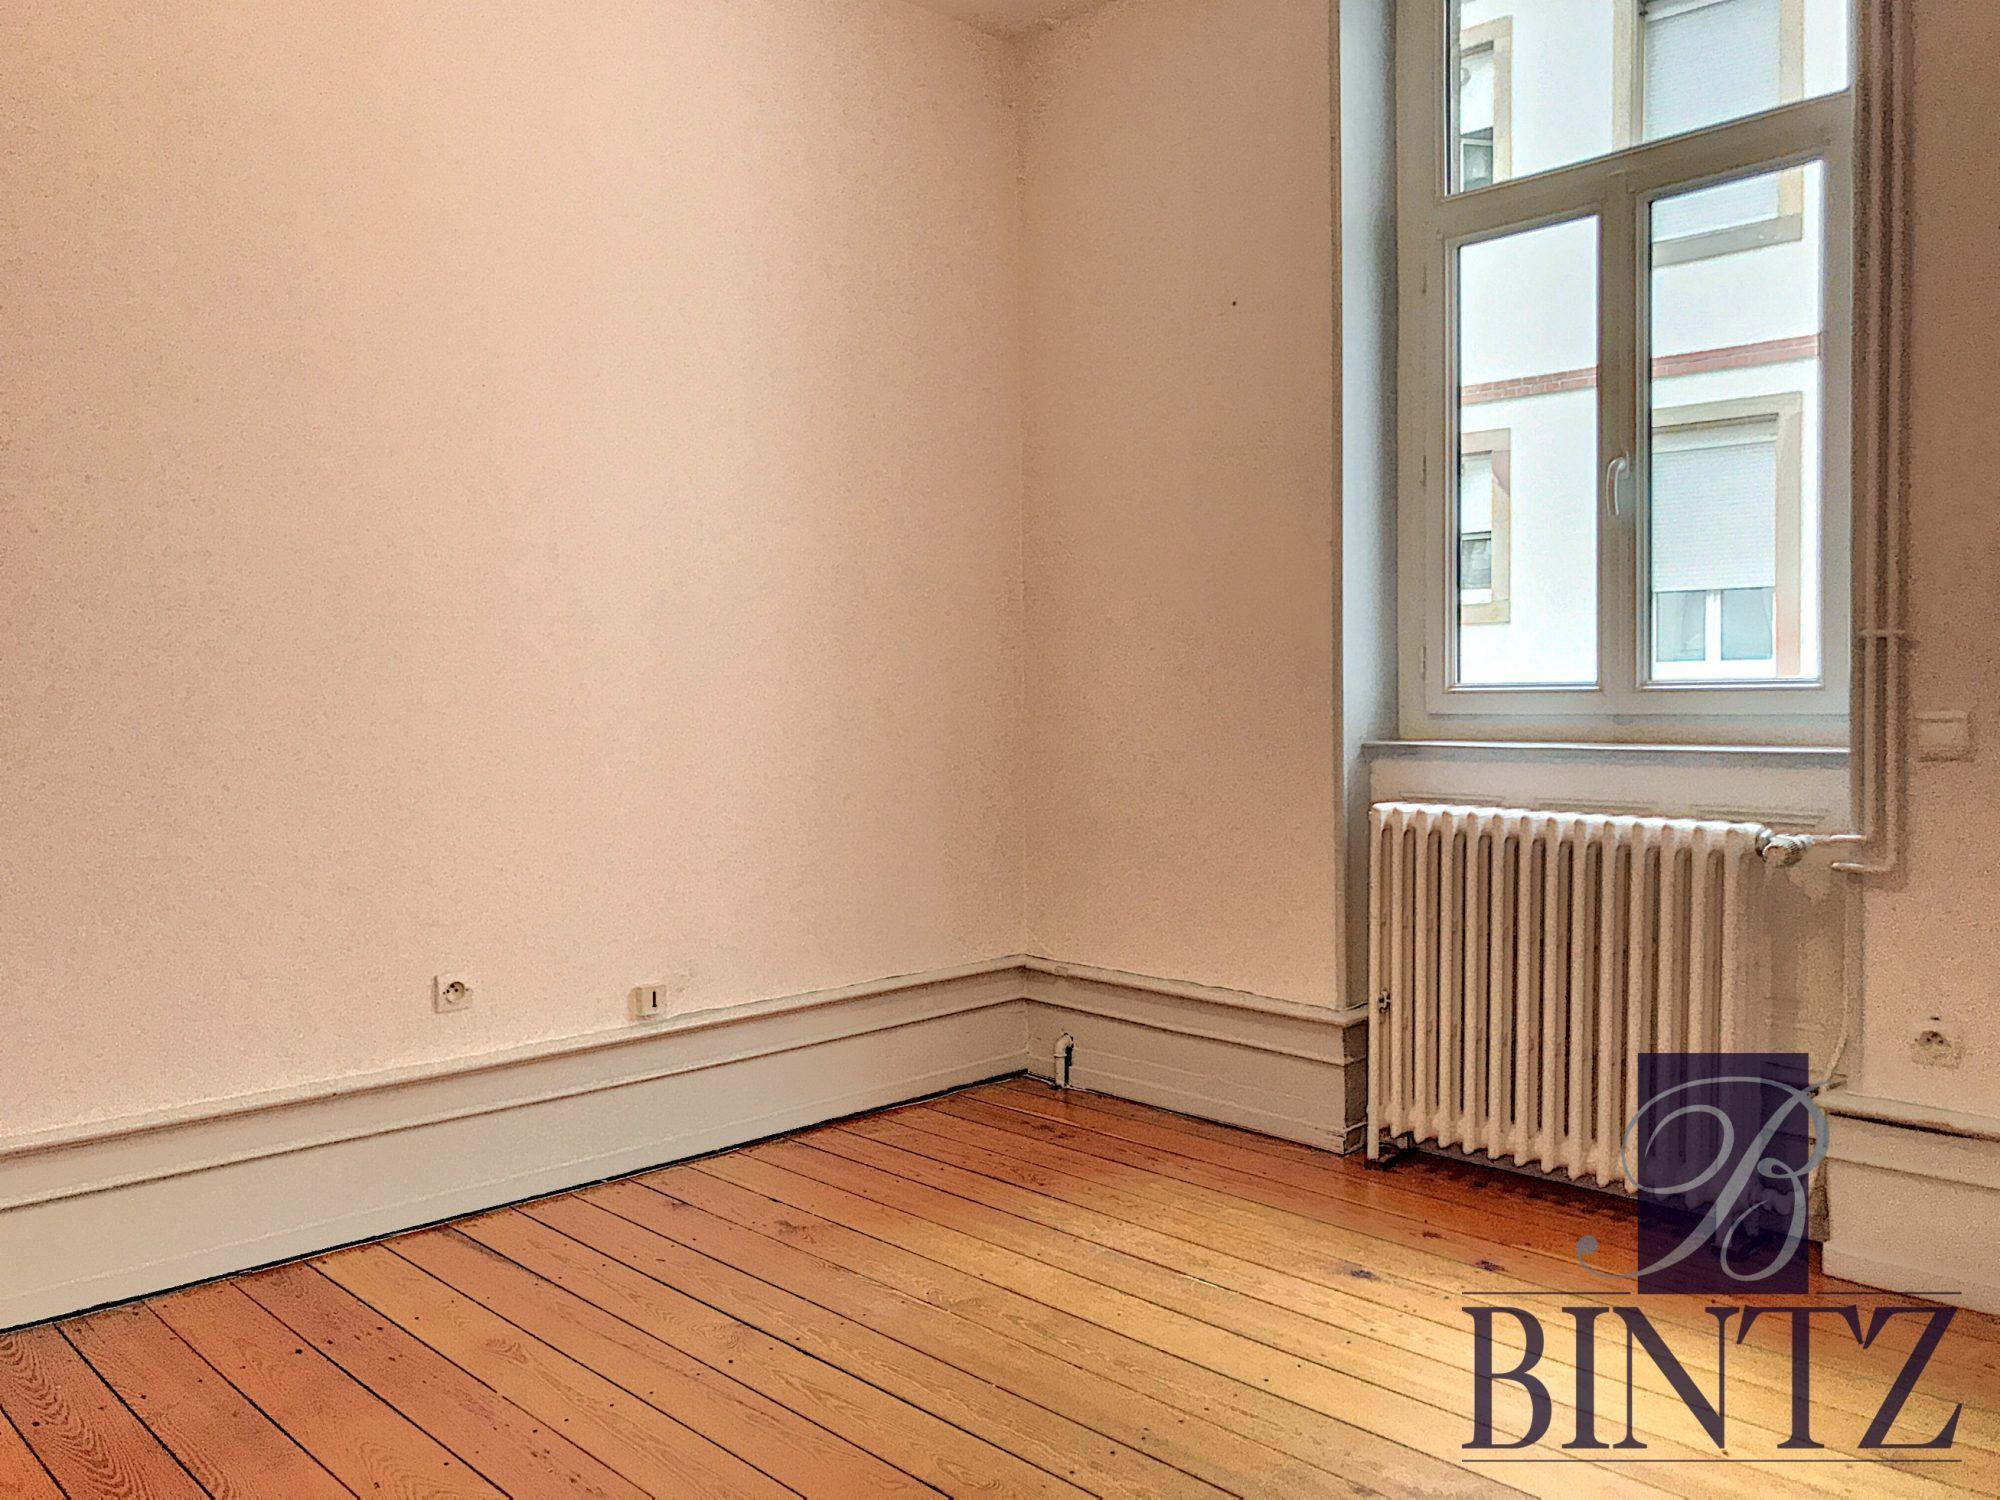 5 PIÈCES QUARTIER CONTADES AVEC 2 BALCONS - Devenez propriétaire en toute confiance - Bintz Immobilier - 9